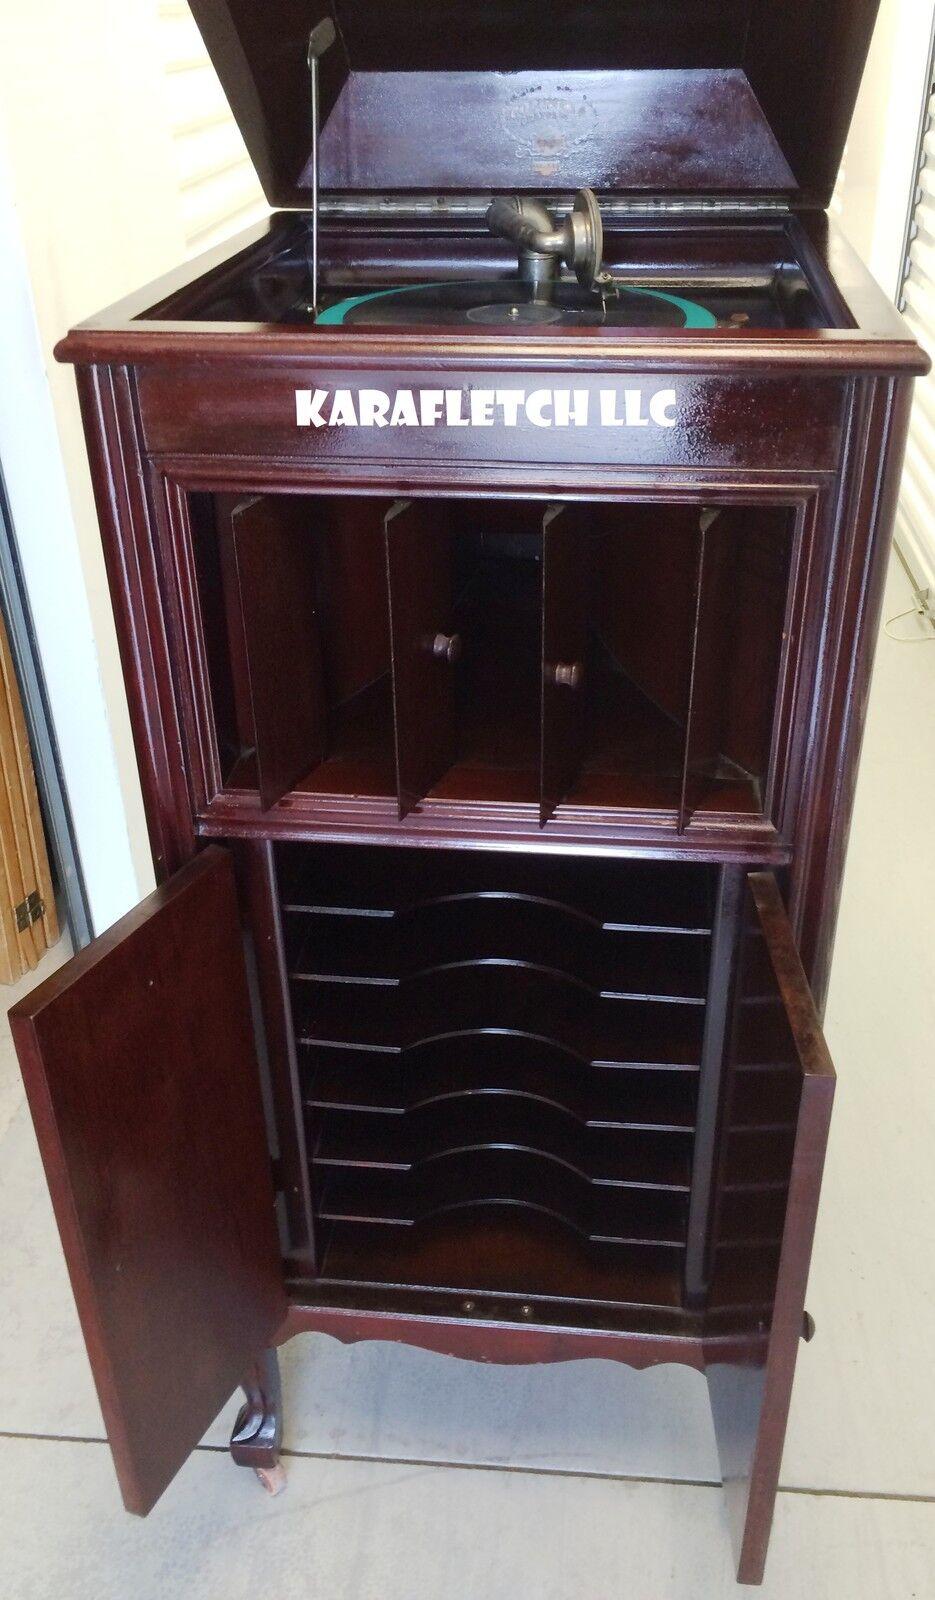 KaraFletch LLC